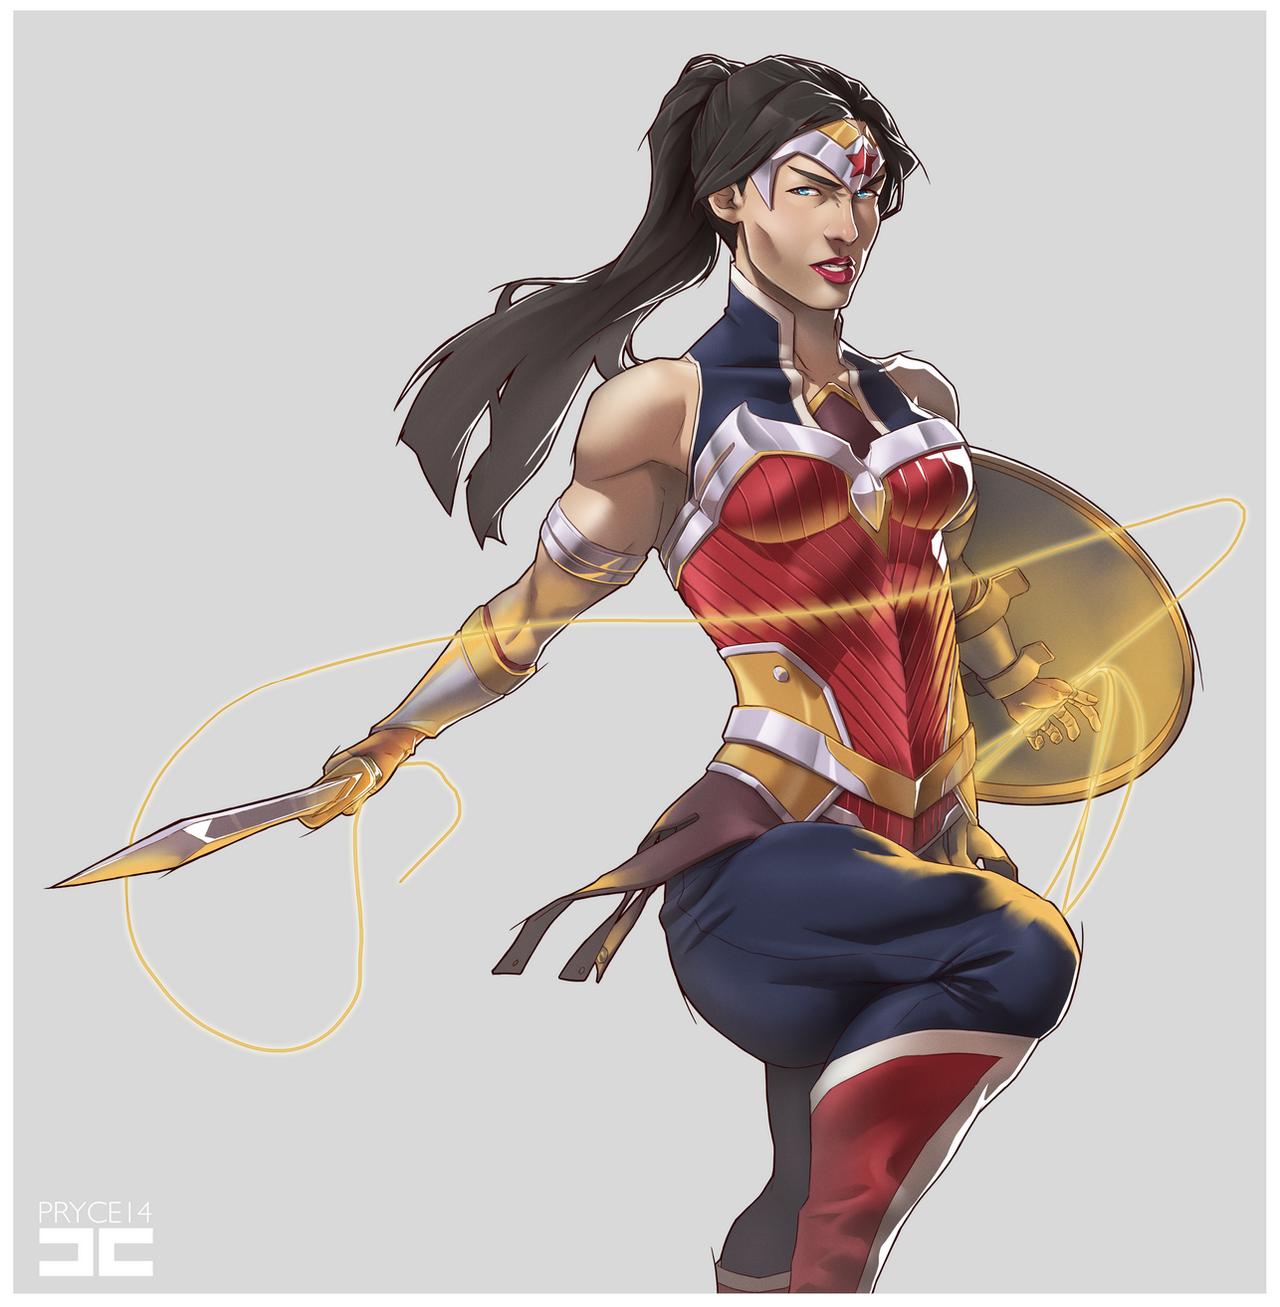 WONDER WOMAN by Pryce14